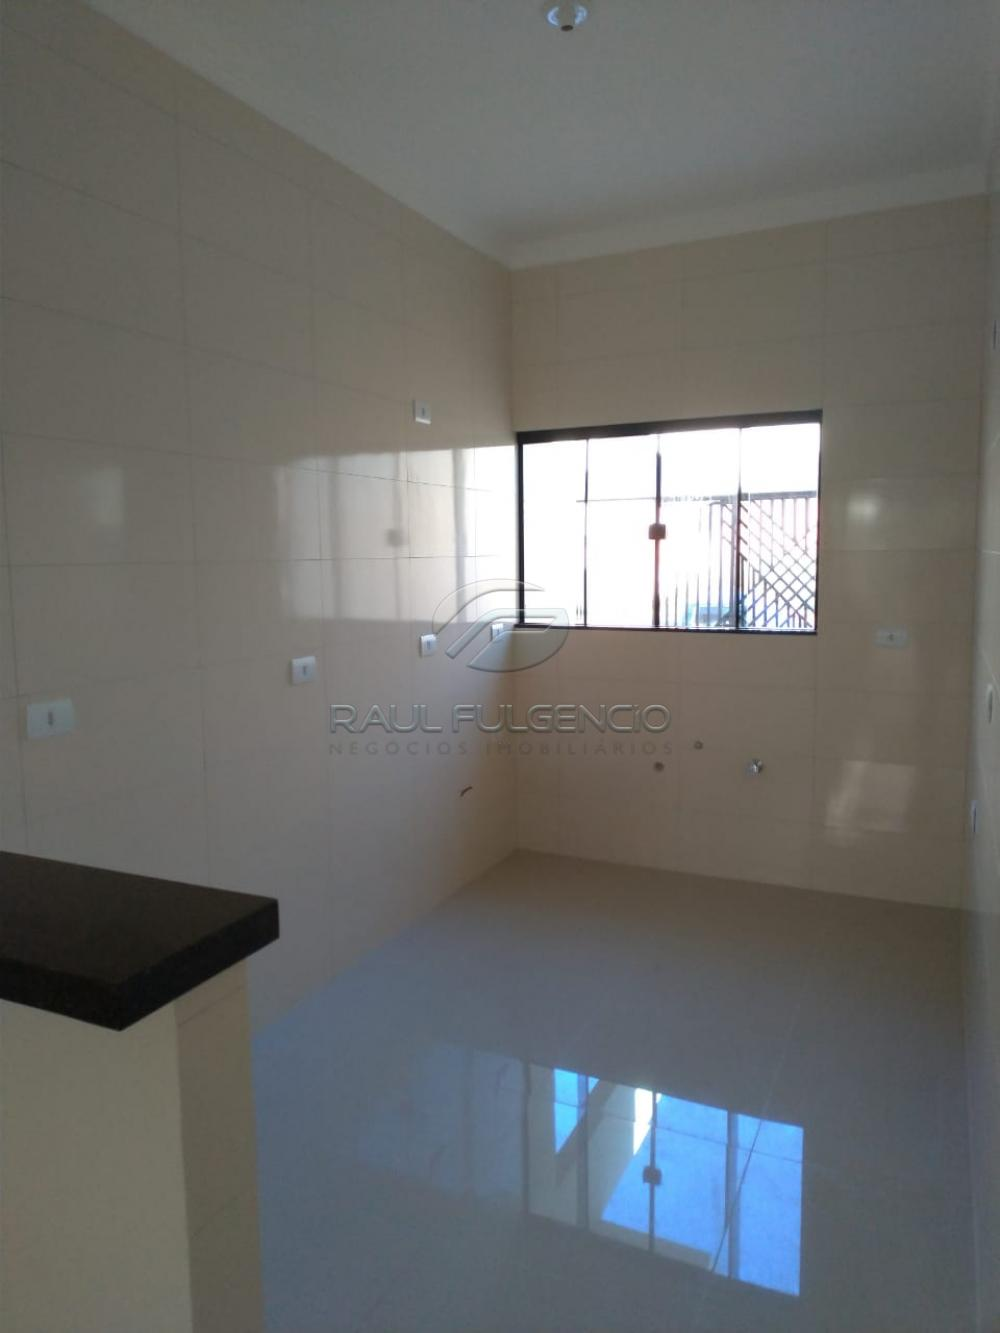 Comprar Casa / Térrea em Londrina apenas R$ 275.000,00 - Foto 1